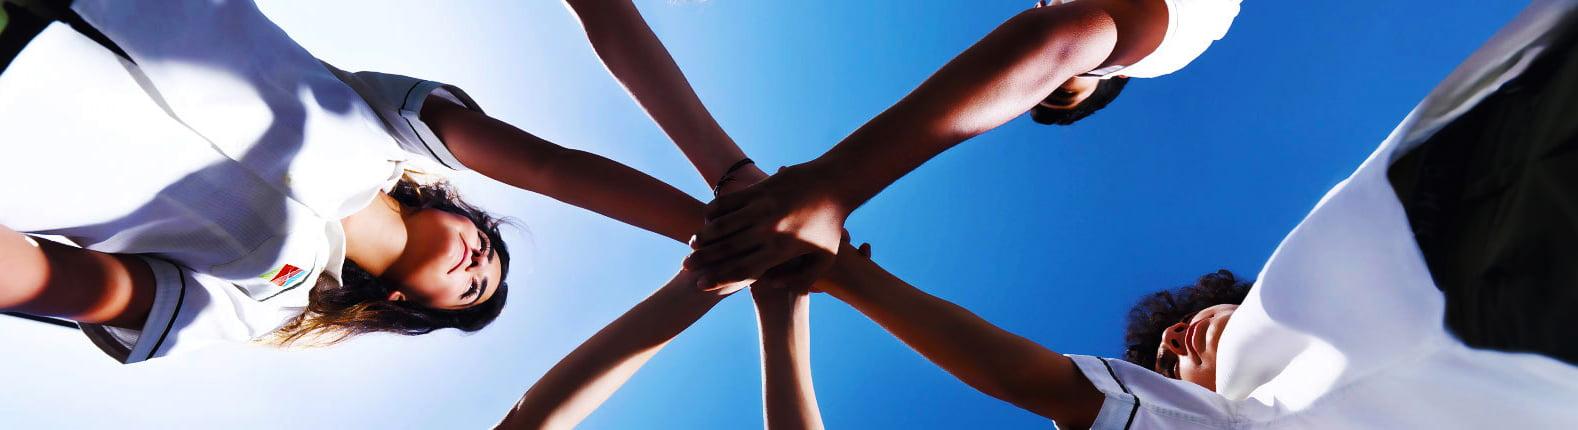 Anspruchsbild, das Kinder an der Greenfield Community School zeigt, die Hände mit dem Himmel im Hintergrund halten